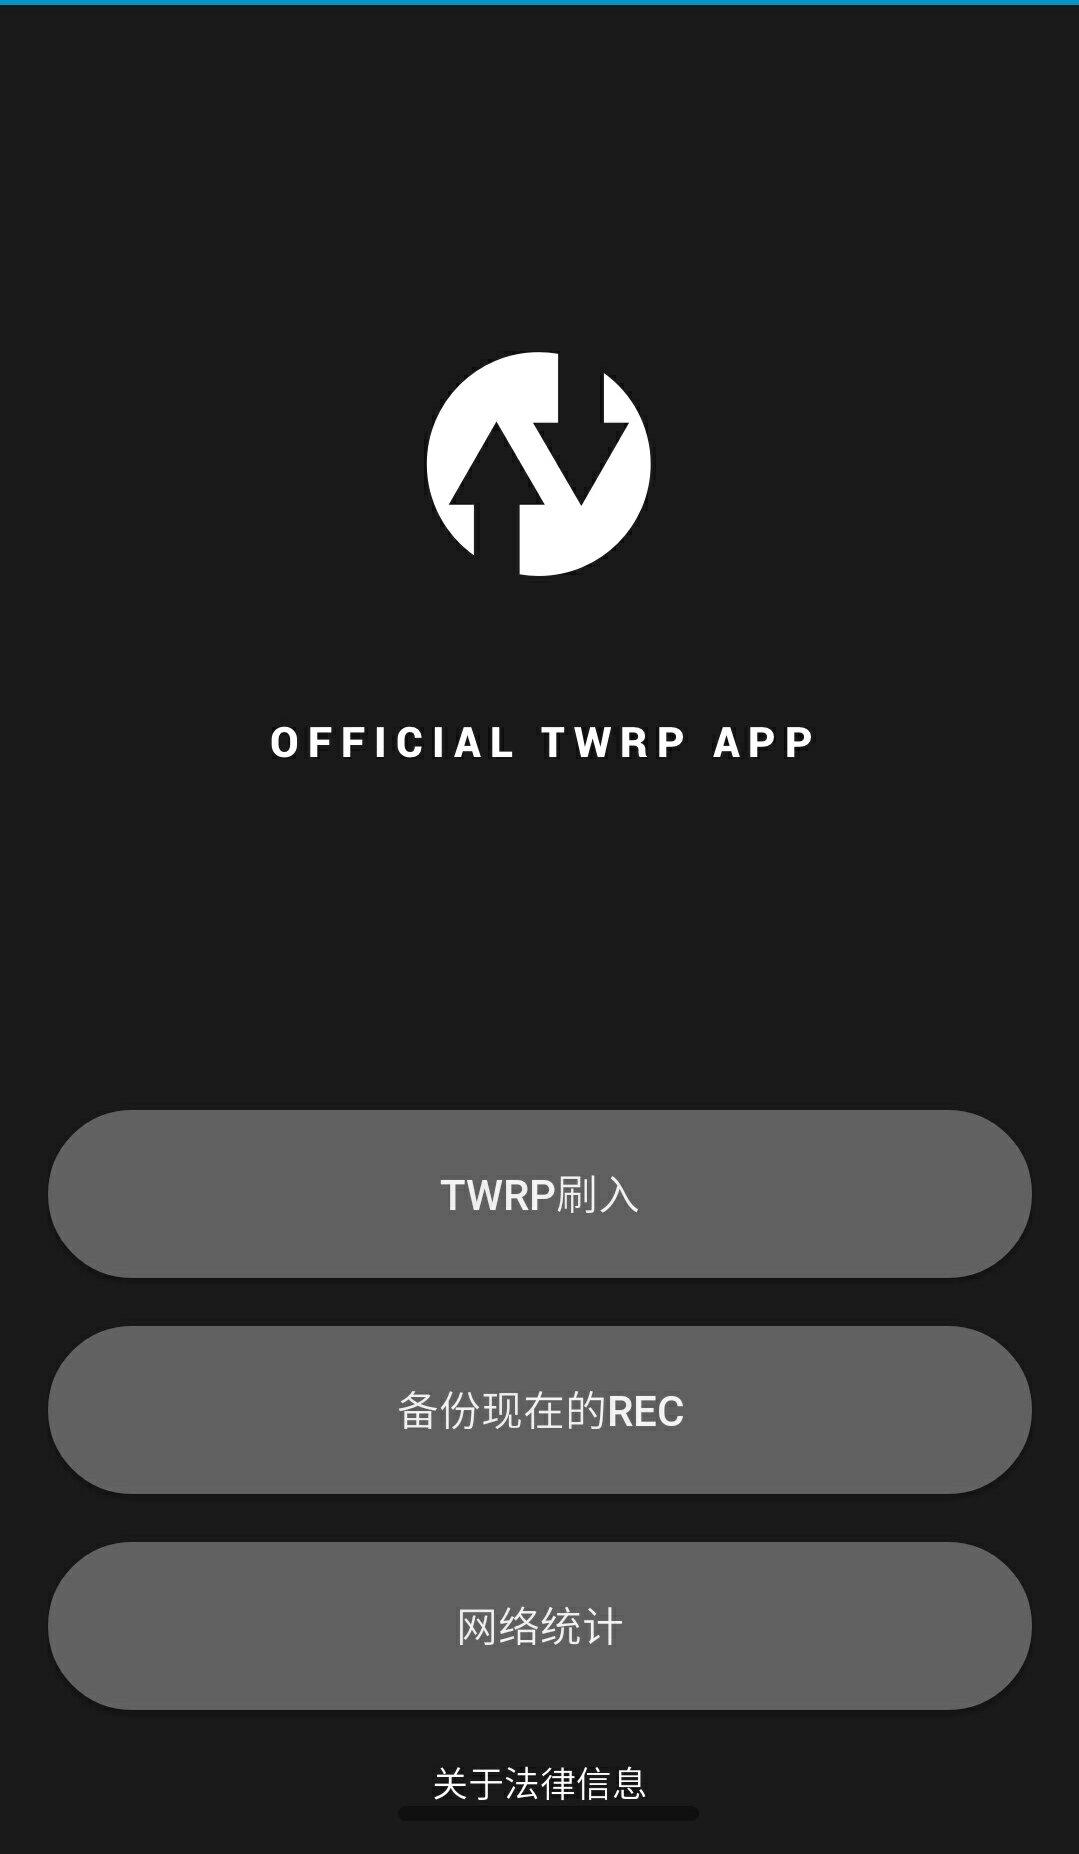 【分享】官方twrp应用程序完整汉化版-爱小助